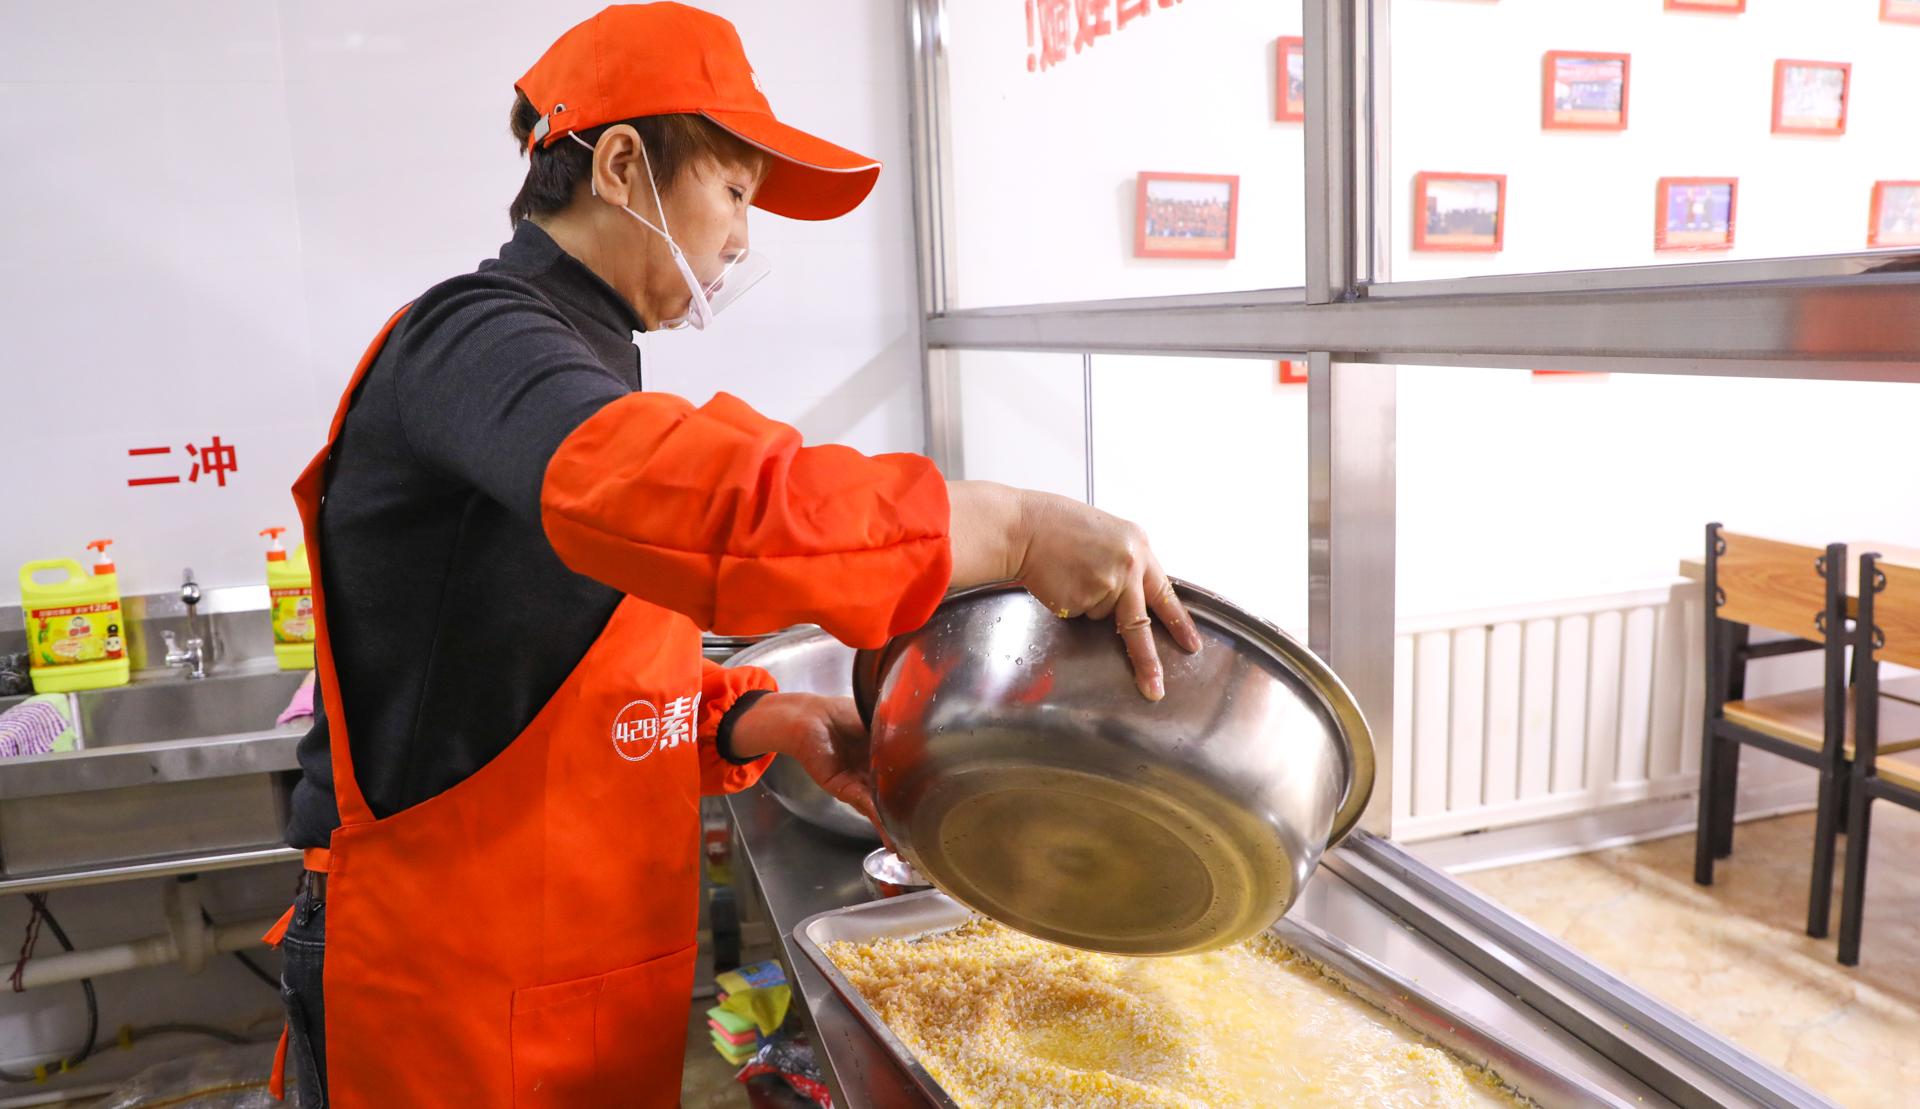 爱在蔓延|达飞公益不止步,呼伦贝尔428免费素食餐厅正式开放